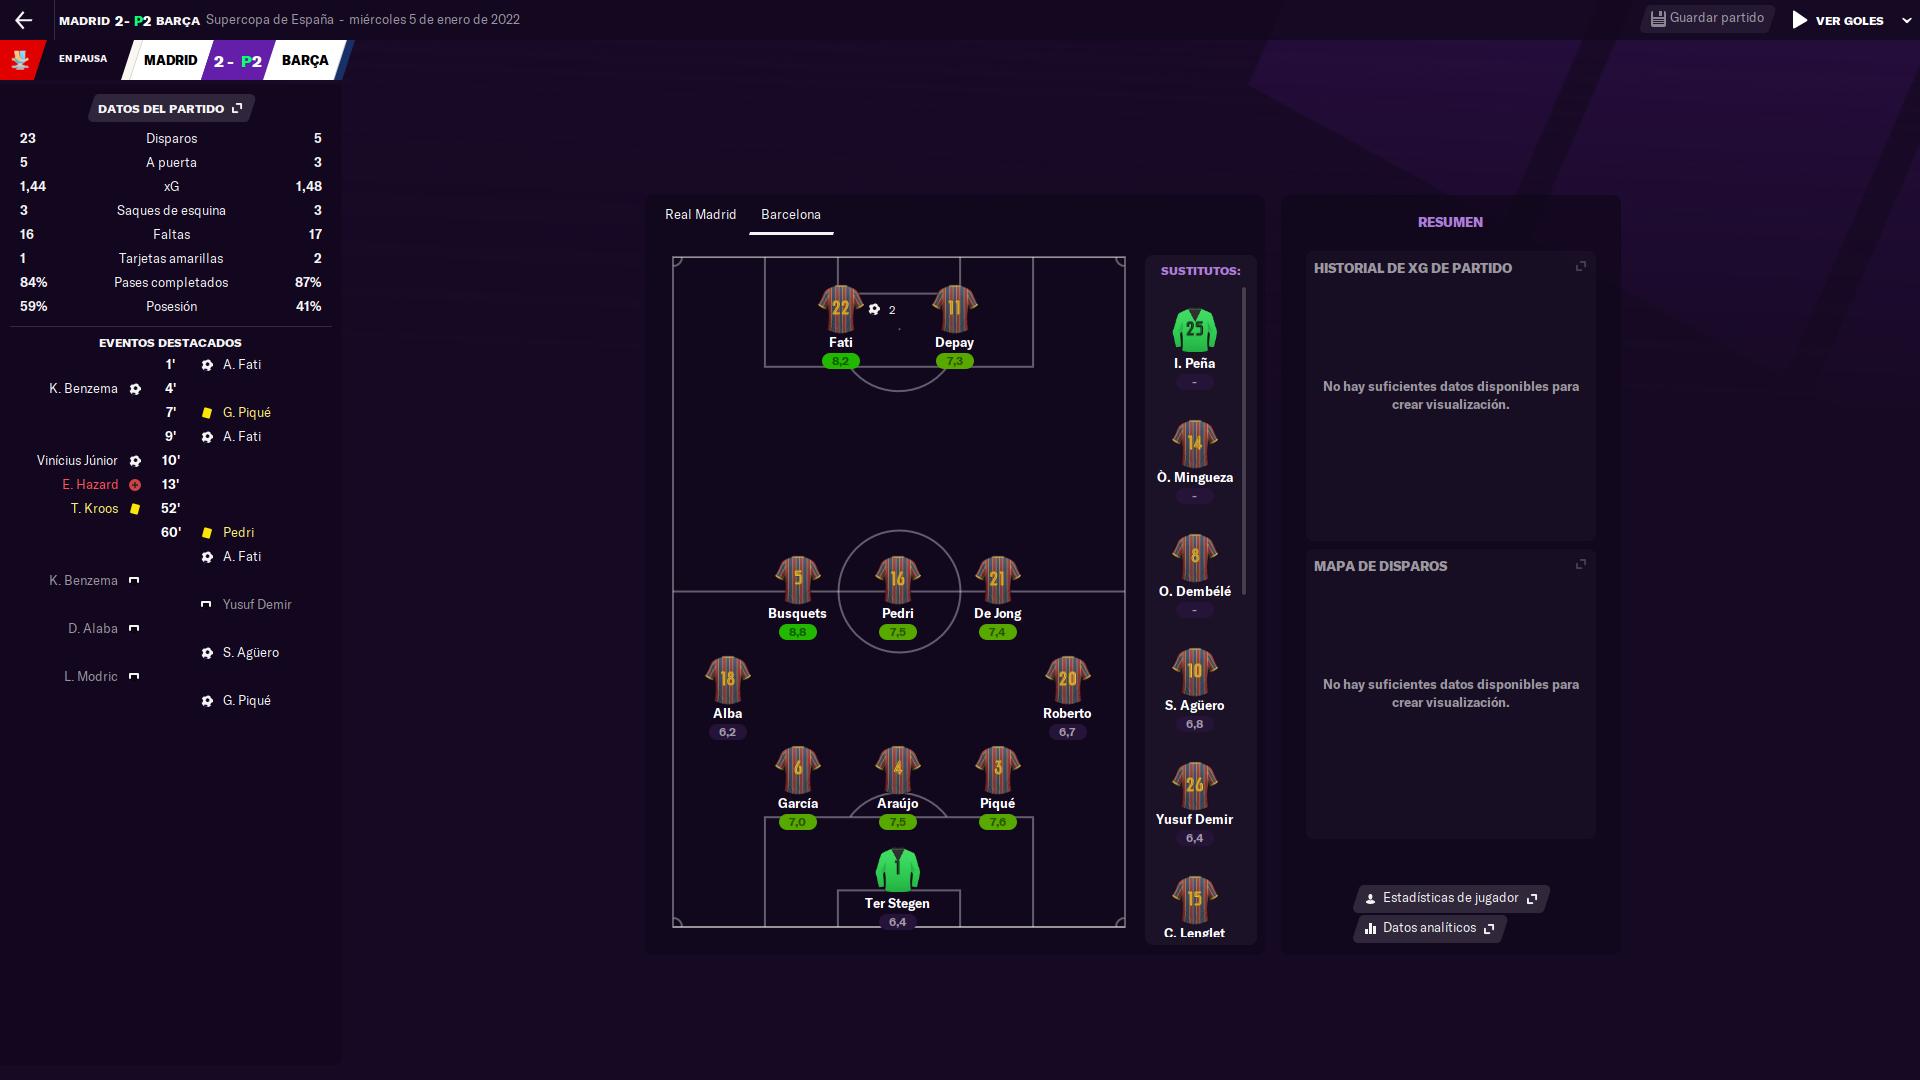 Real-Madrid-Barcelona-Resumen.png